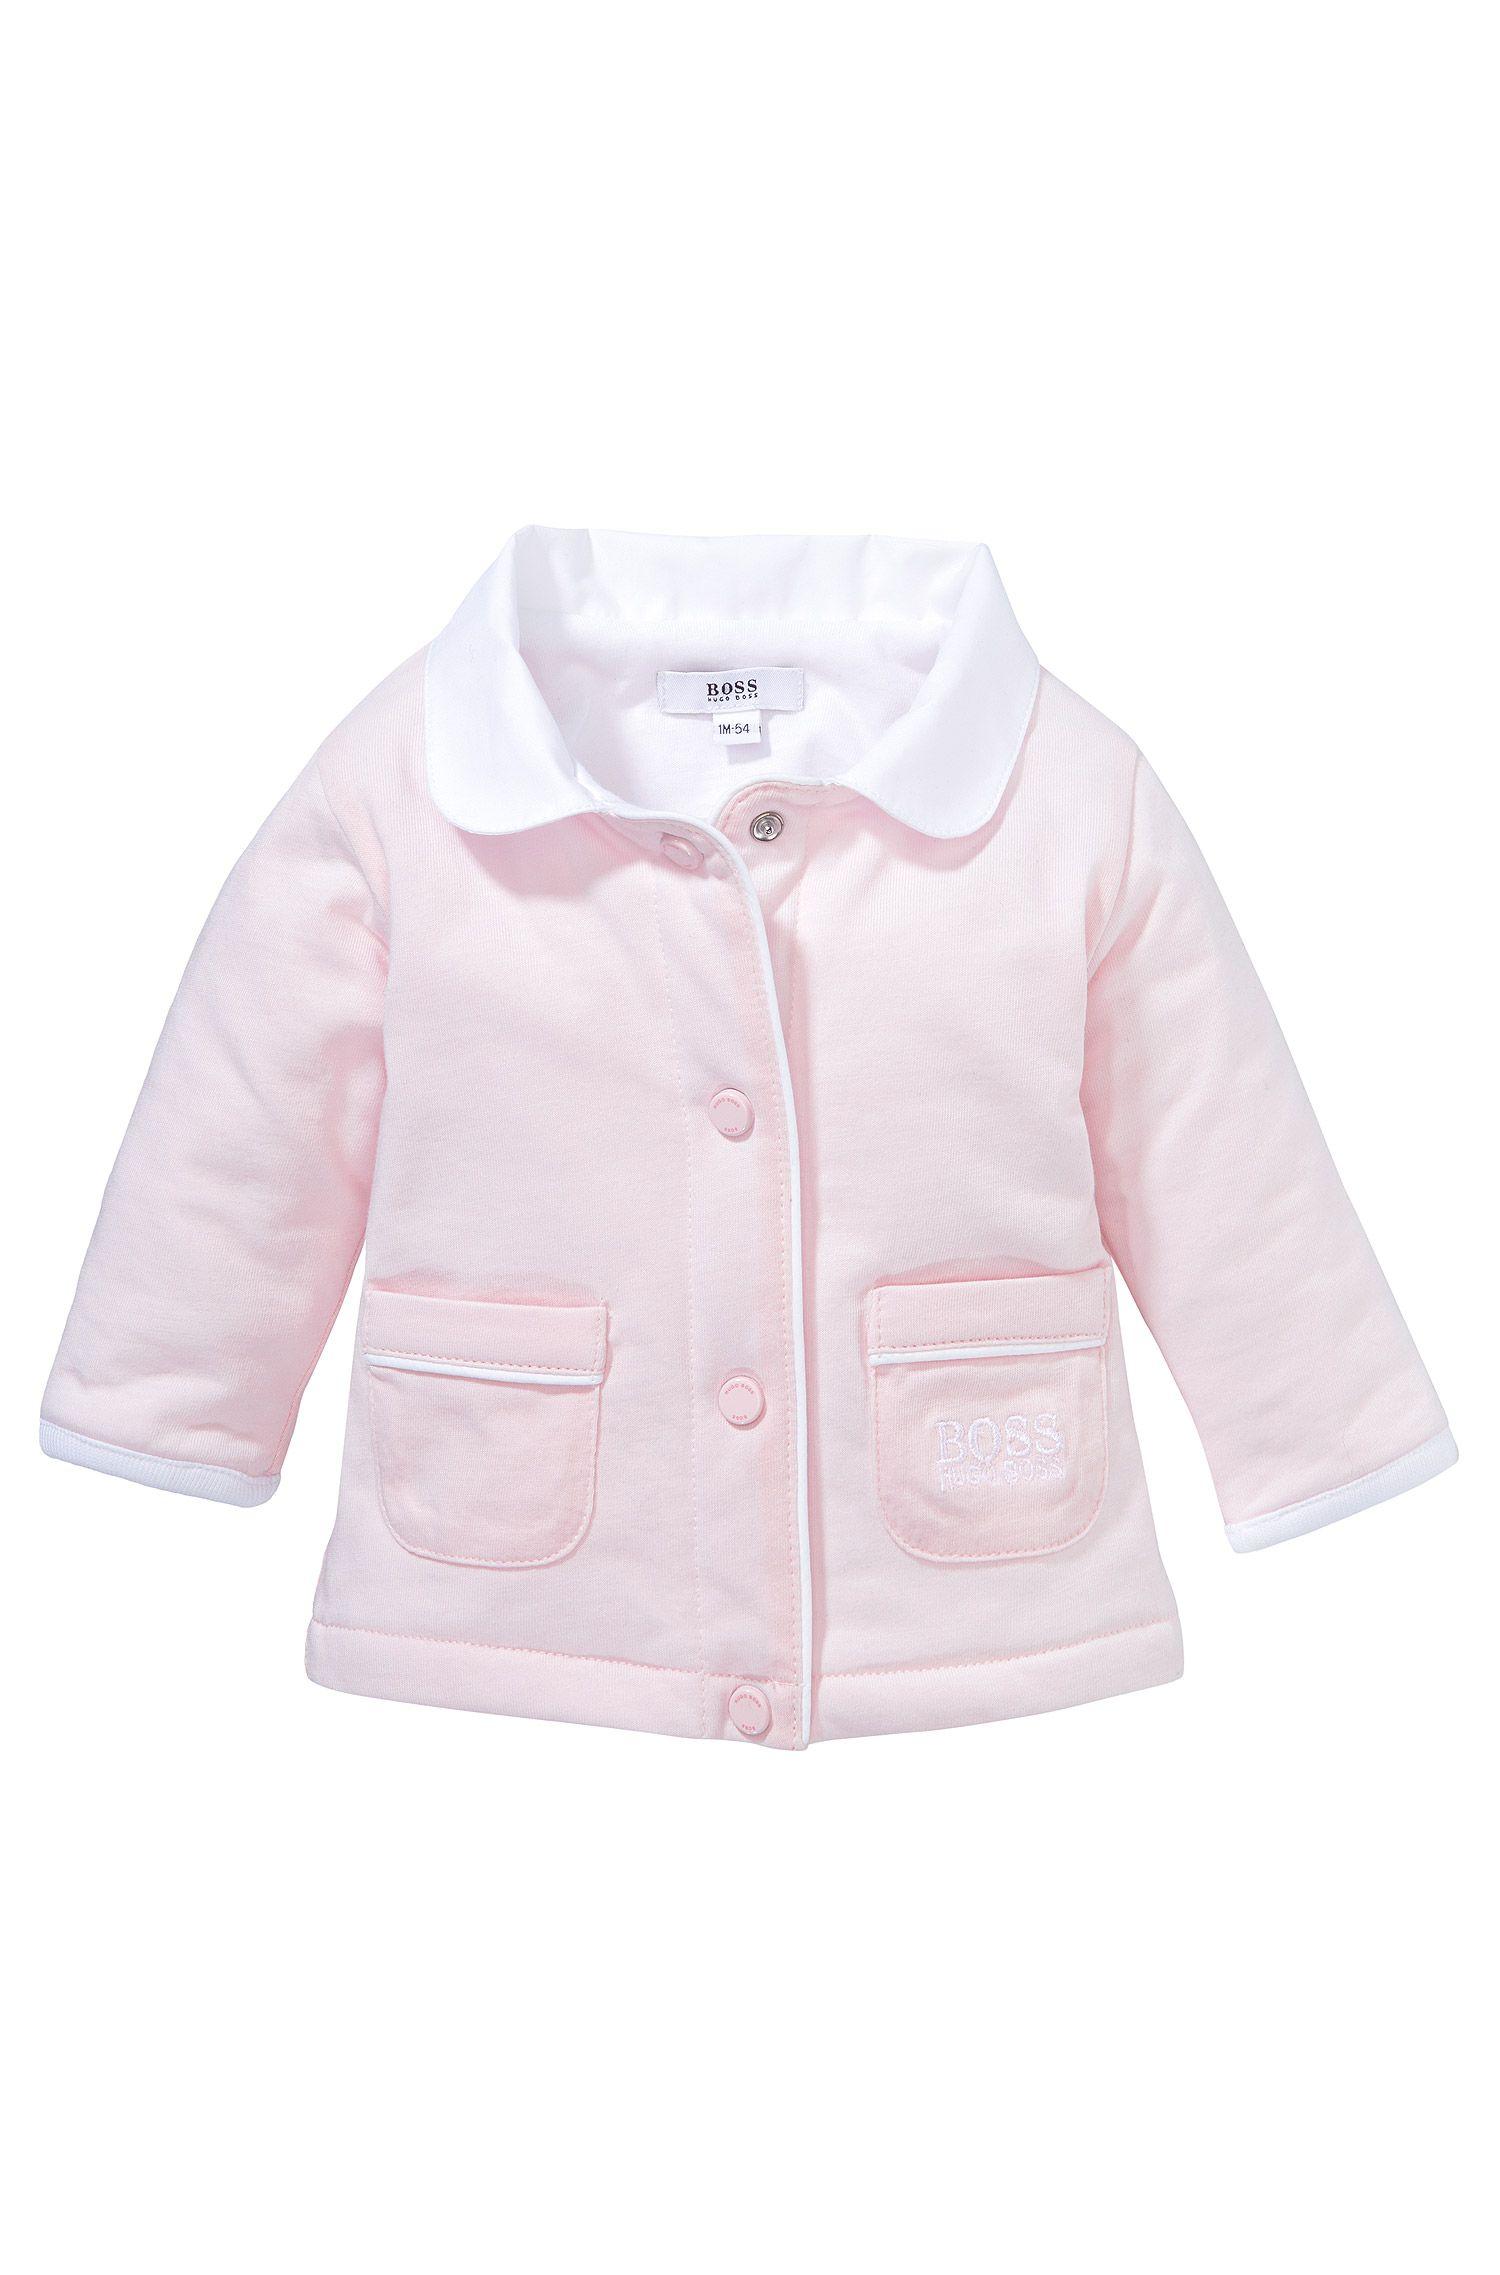 Blouson sweat pour enfant «J95153» en coton